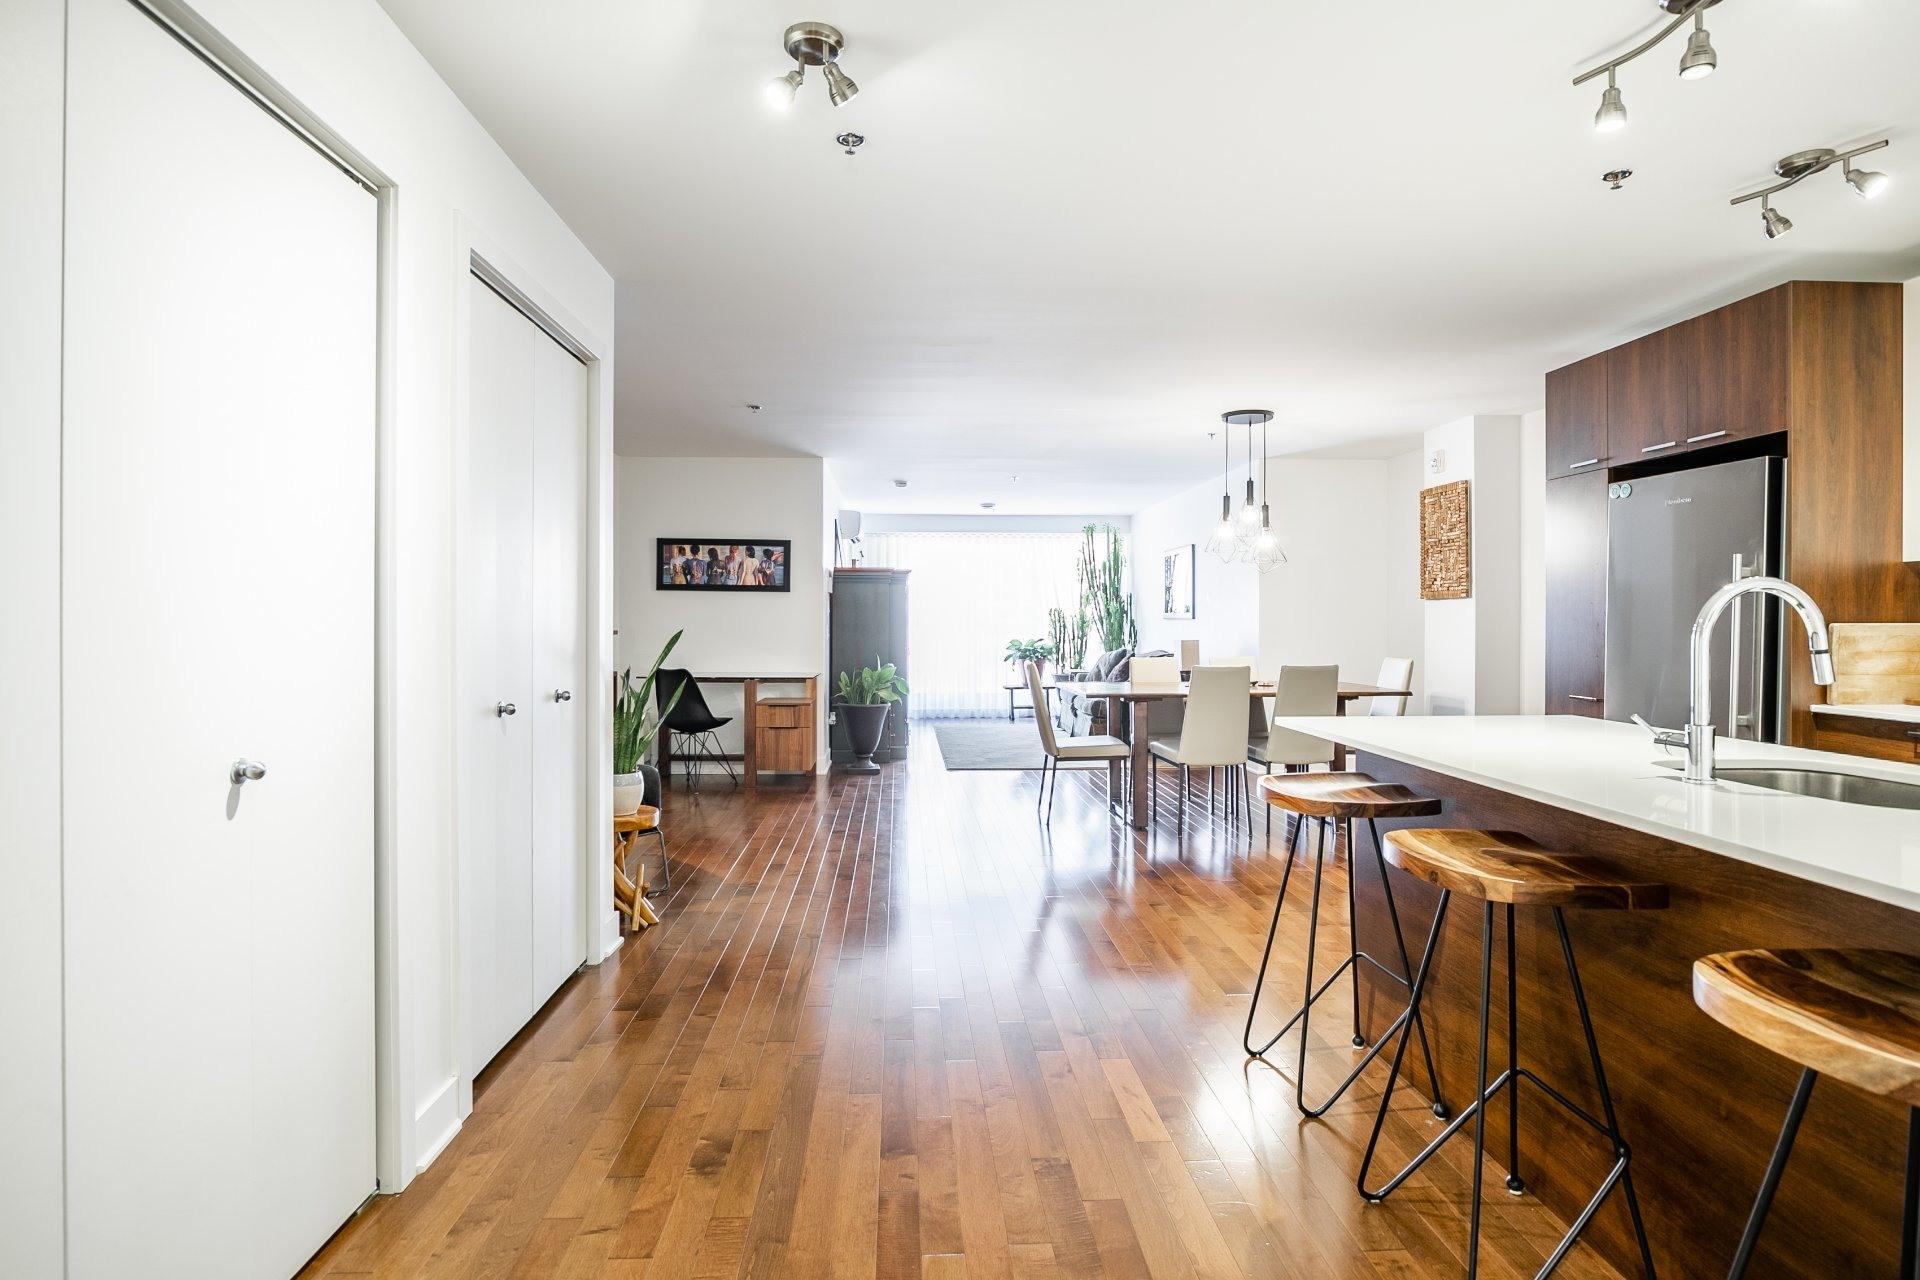 image 5 - Appartement À vendre Ahuntsic-Cartierville Montréal  - 5 pièces